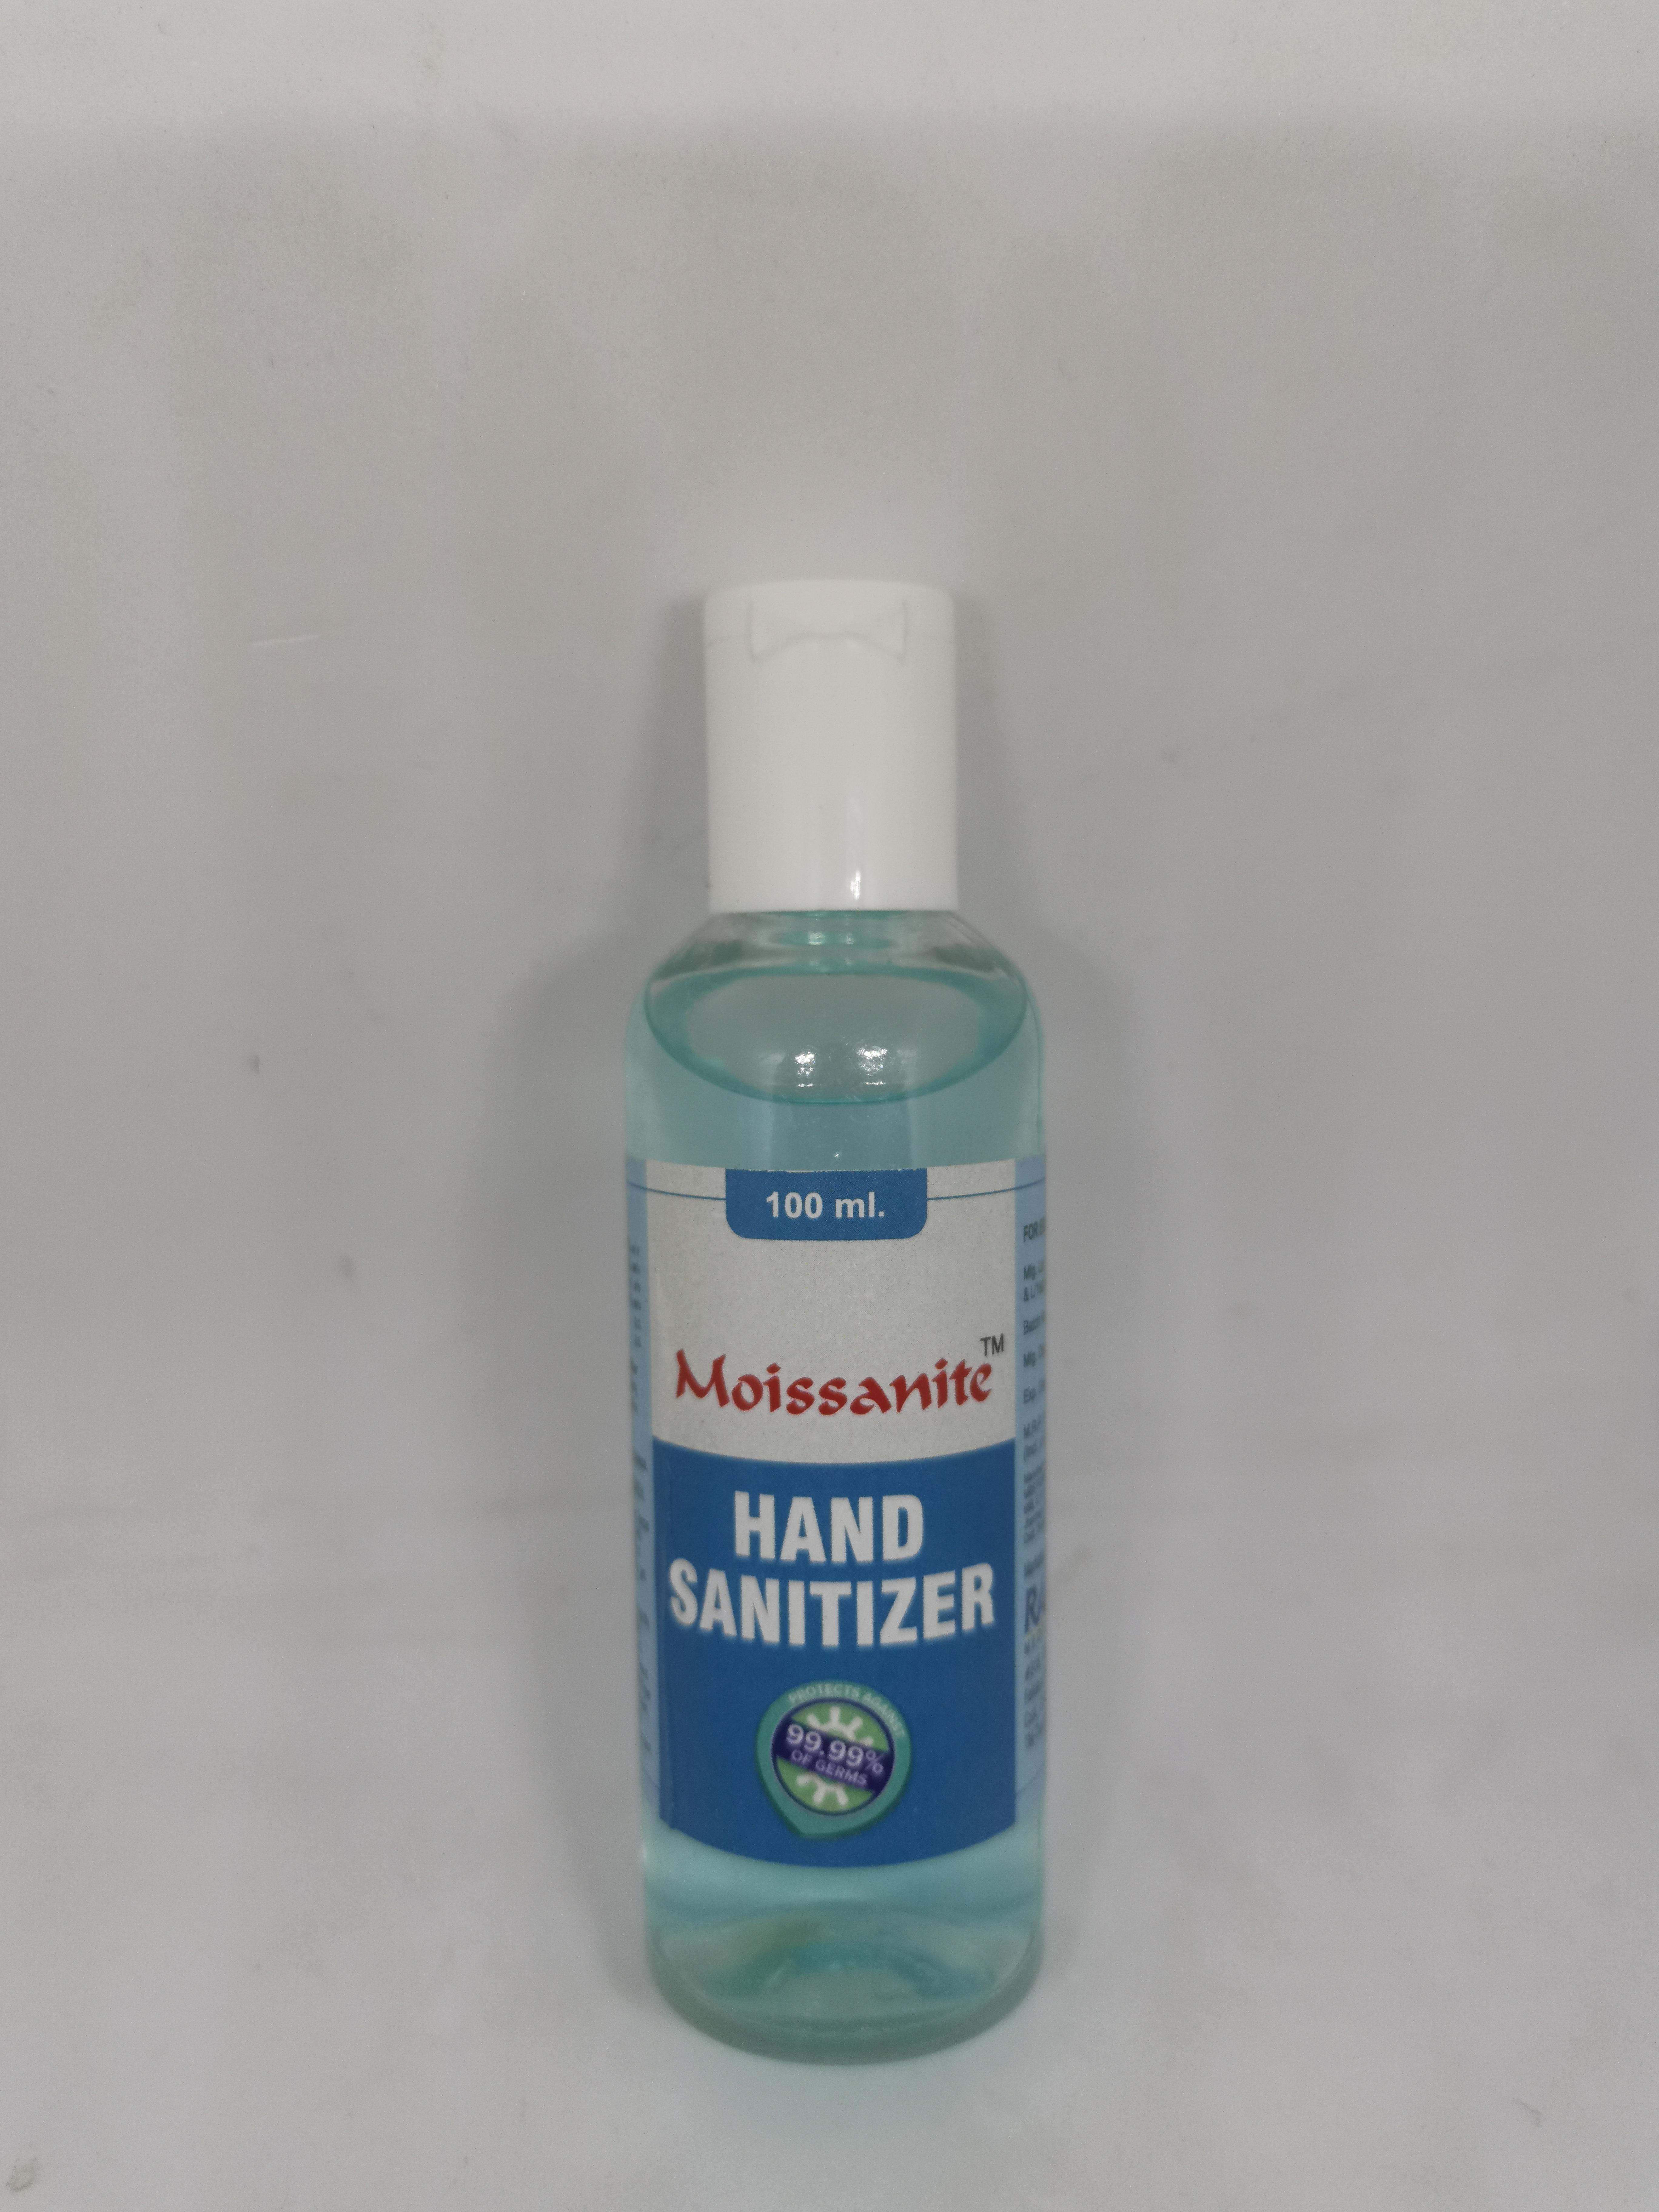 Moissanite Hand Sanitizer - 100, 200, 500 ml